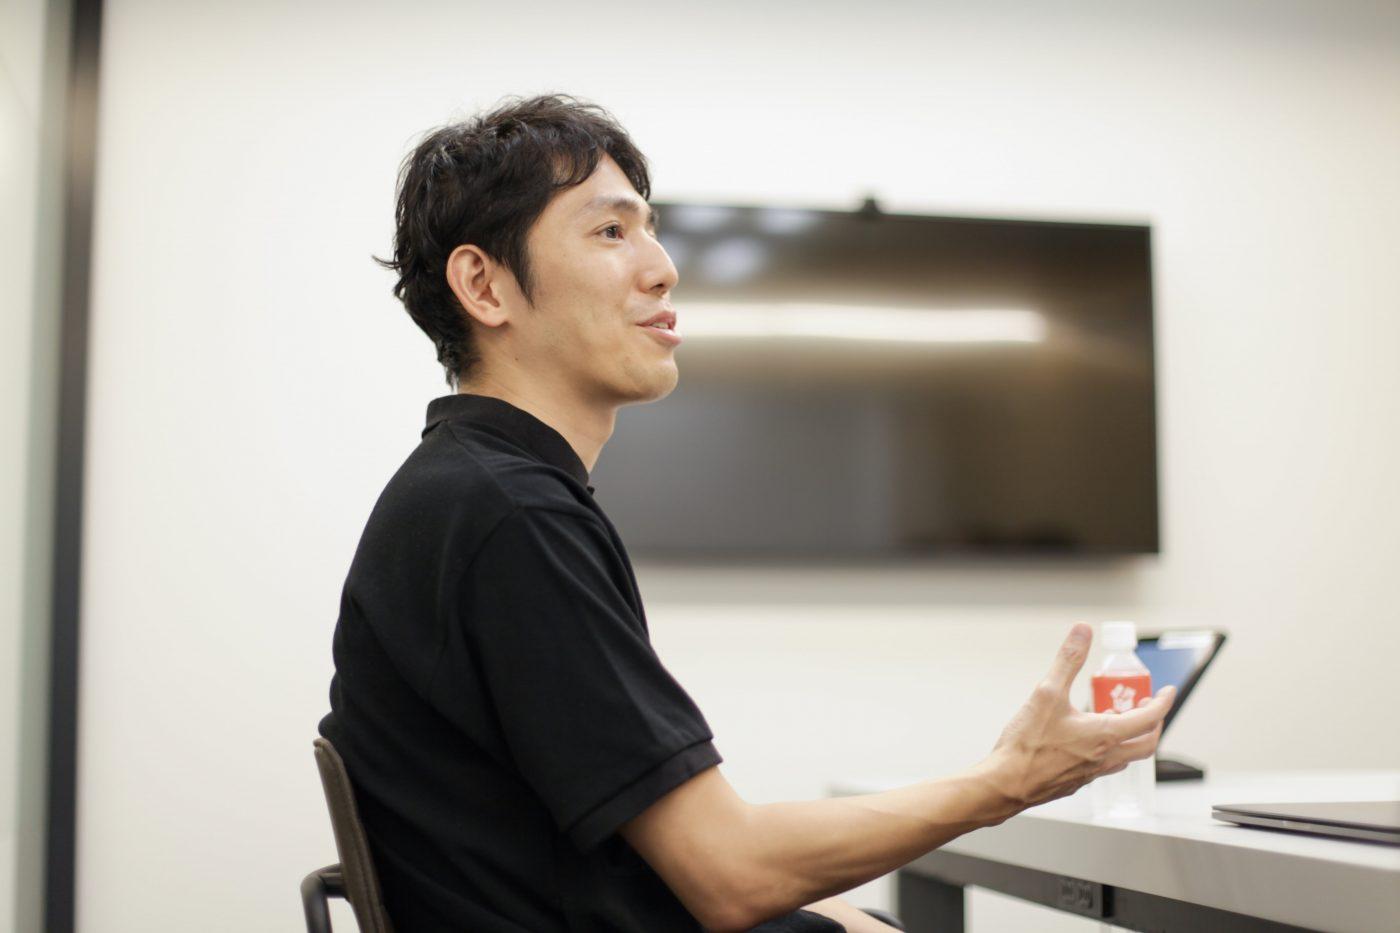 2005年の1年間、青柳氏は次の行動に向けてIT企業の経営者を尋ねまくっていた。ミクシィ創業者の笠原氏、ドリコム代表の内藤氏など、IT産業の成長の一端を担う人物と出会うなか、友人の紹介で会ったのが、グリー代表の田中氏だった。のちに、CFOを務めることになるグリーとの出会いだ。